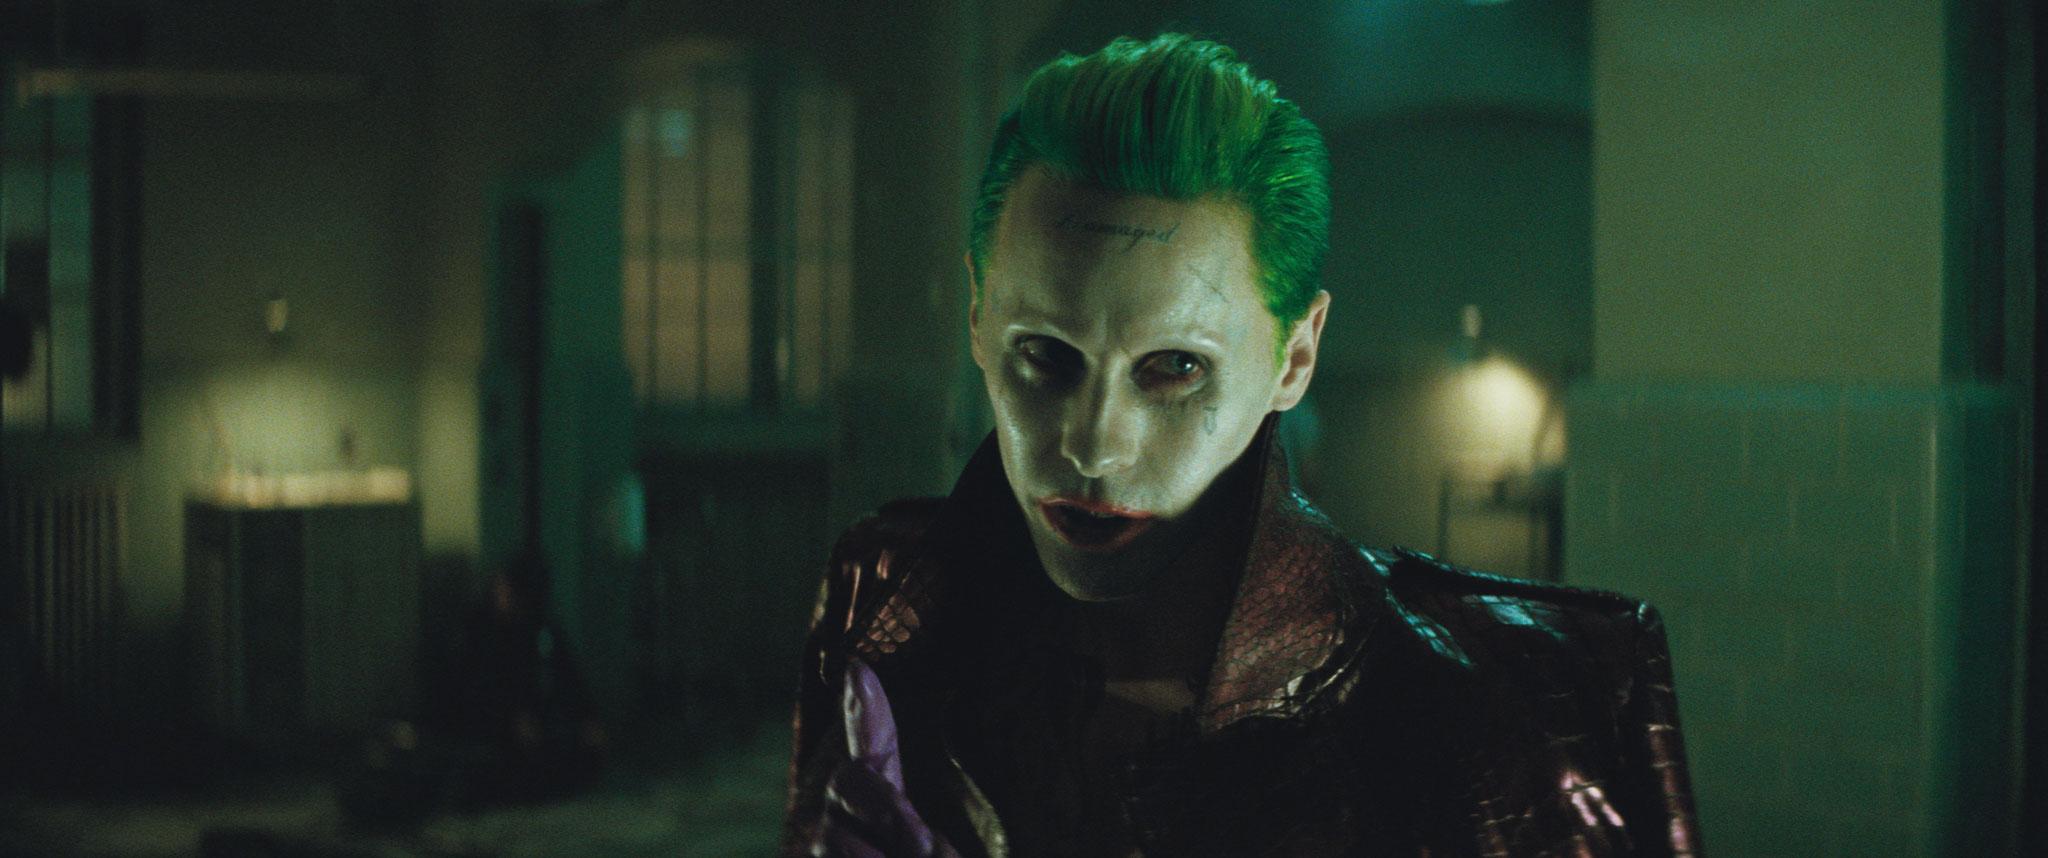 Joker_Jared_leto